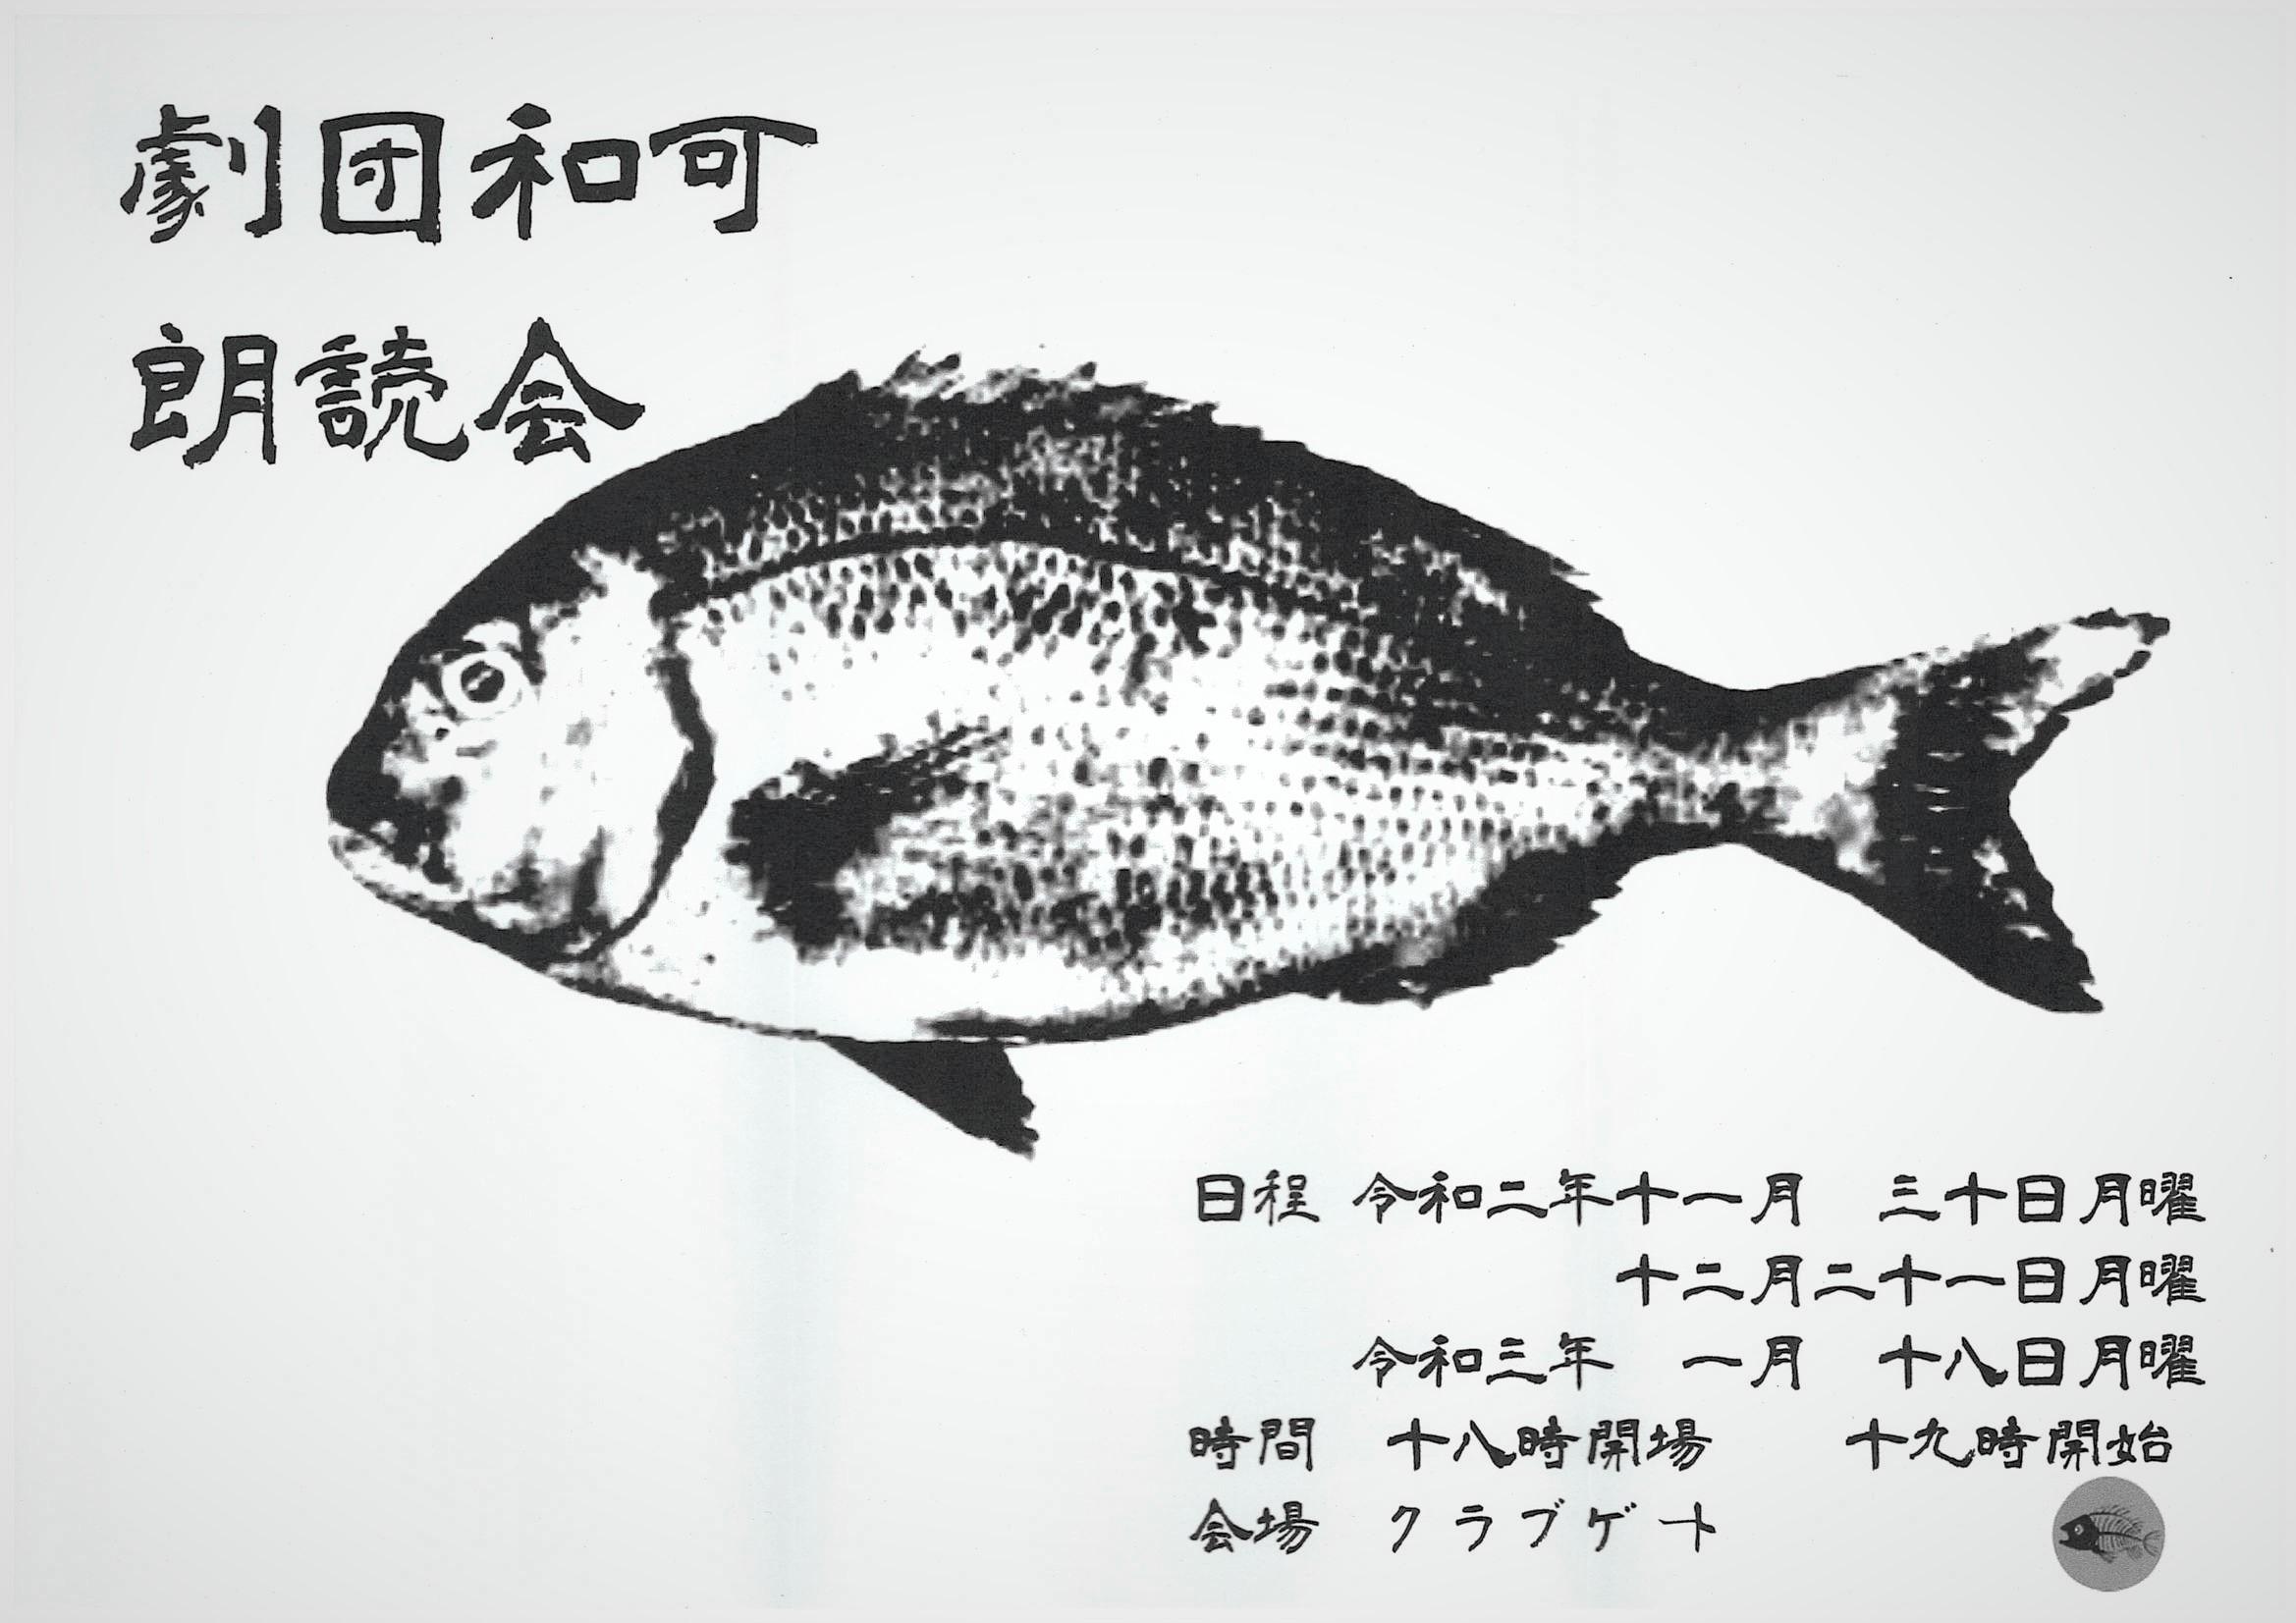 『劇団和可 朗読会』3ヶ月連続上演